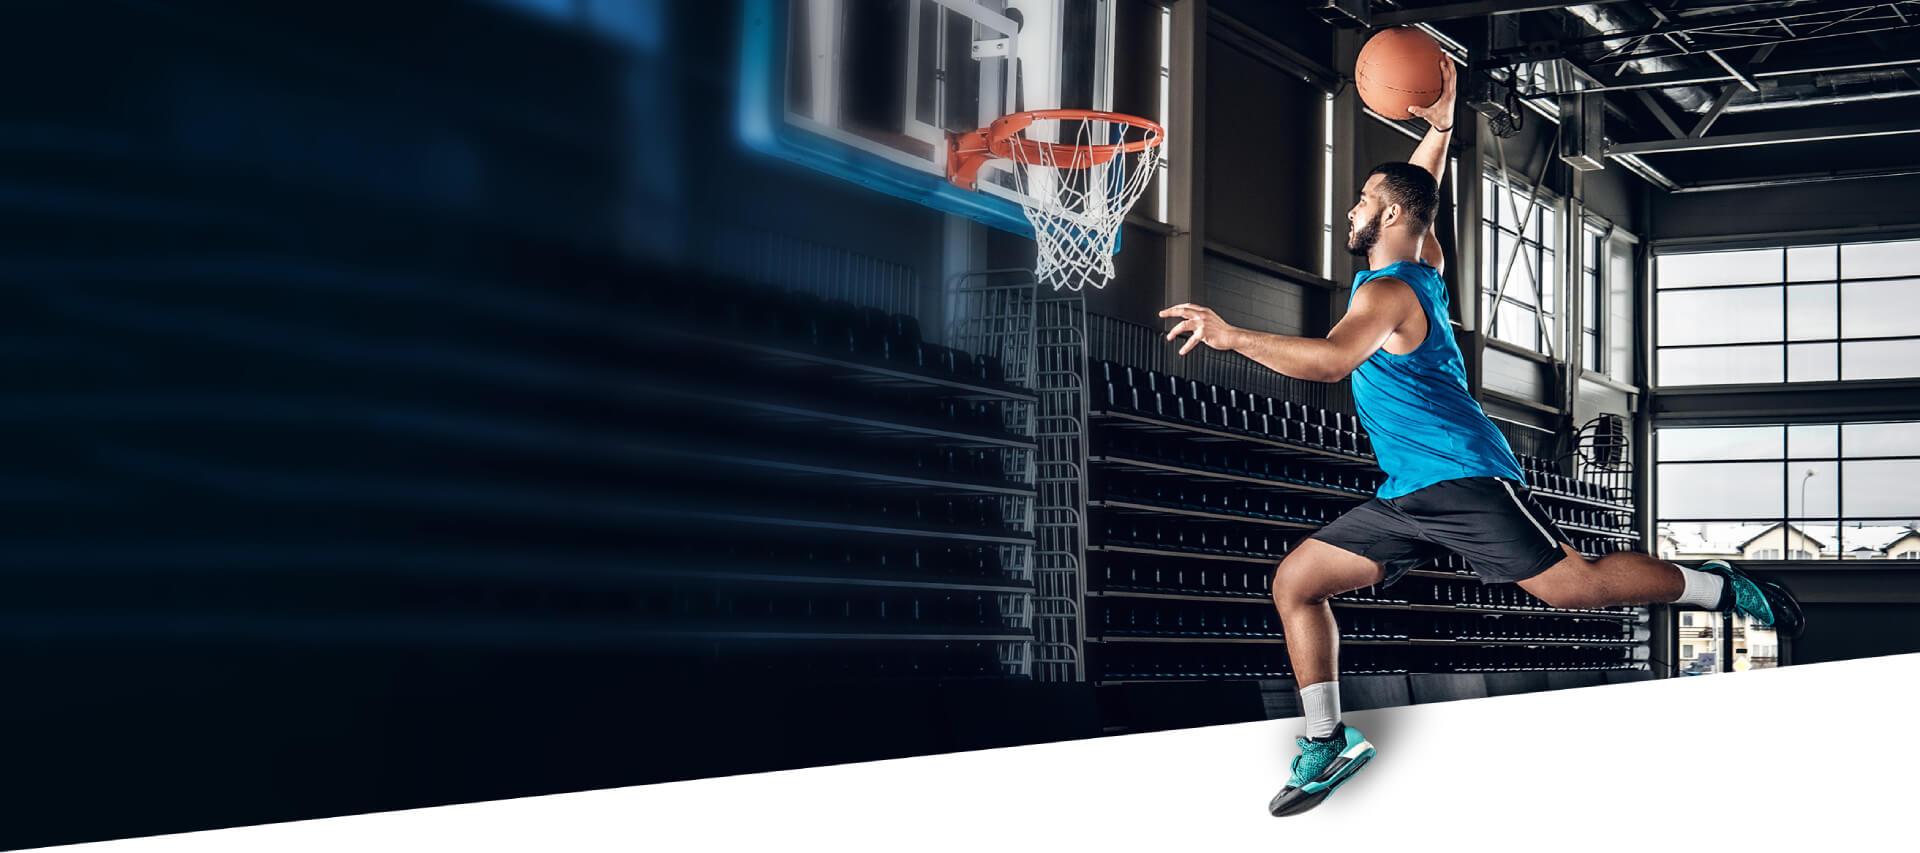 slider basket